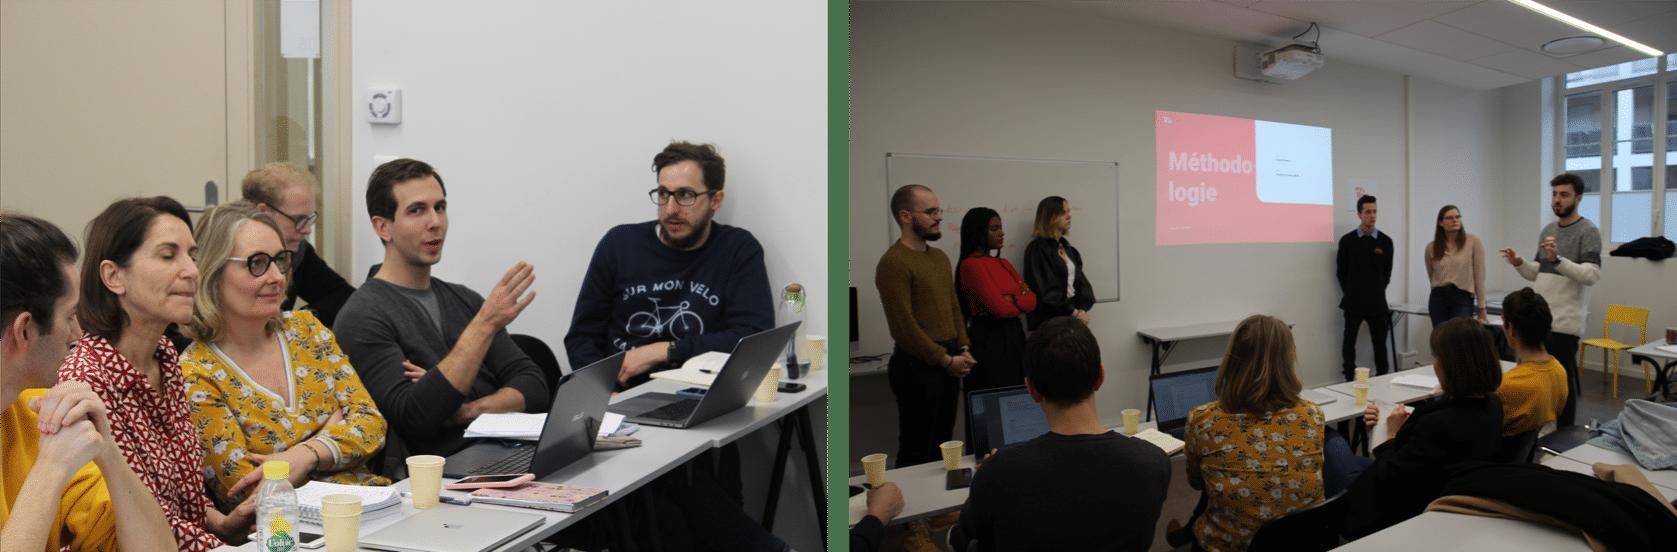 Jury et présentation lors de l'UX Camp de l'ESD Lyon avec MyBrian